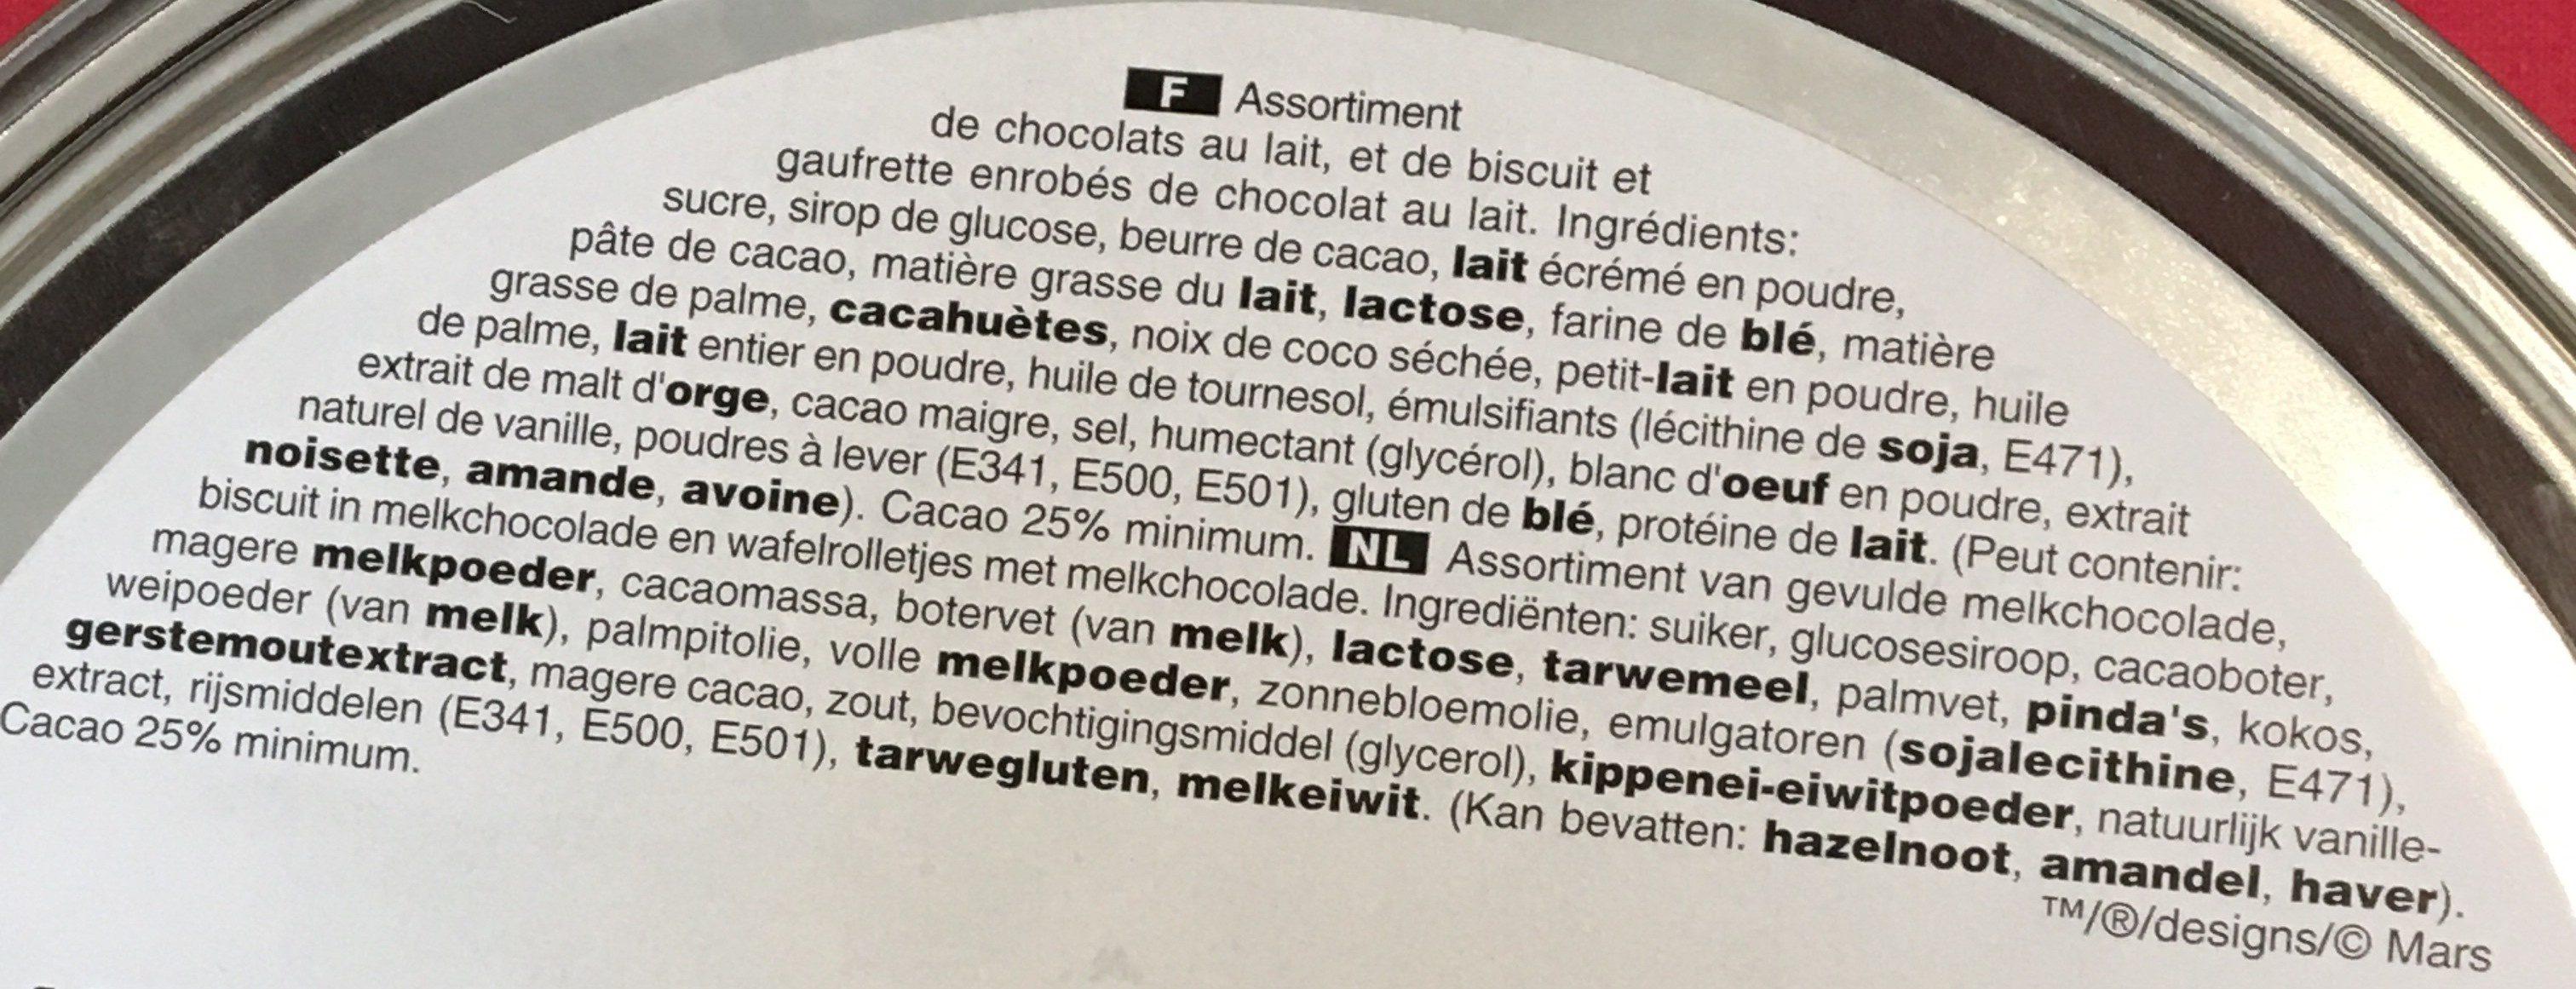 Chocolats assortiment Célébrations - Ingrédients